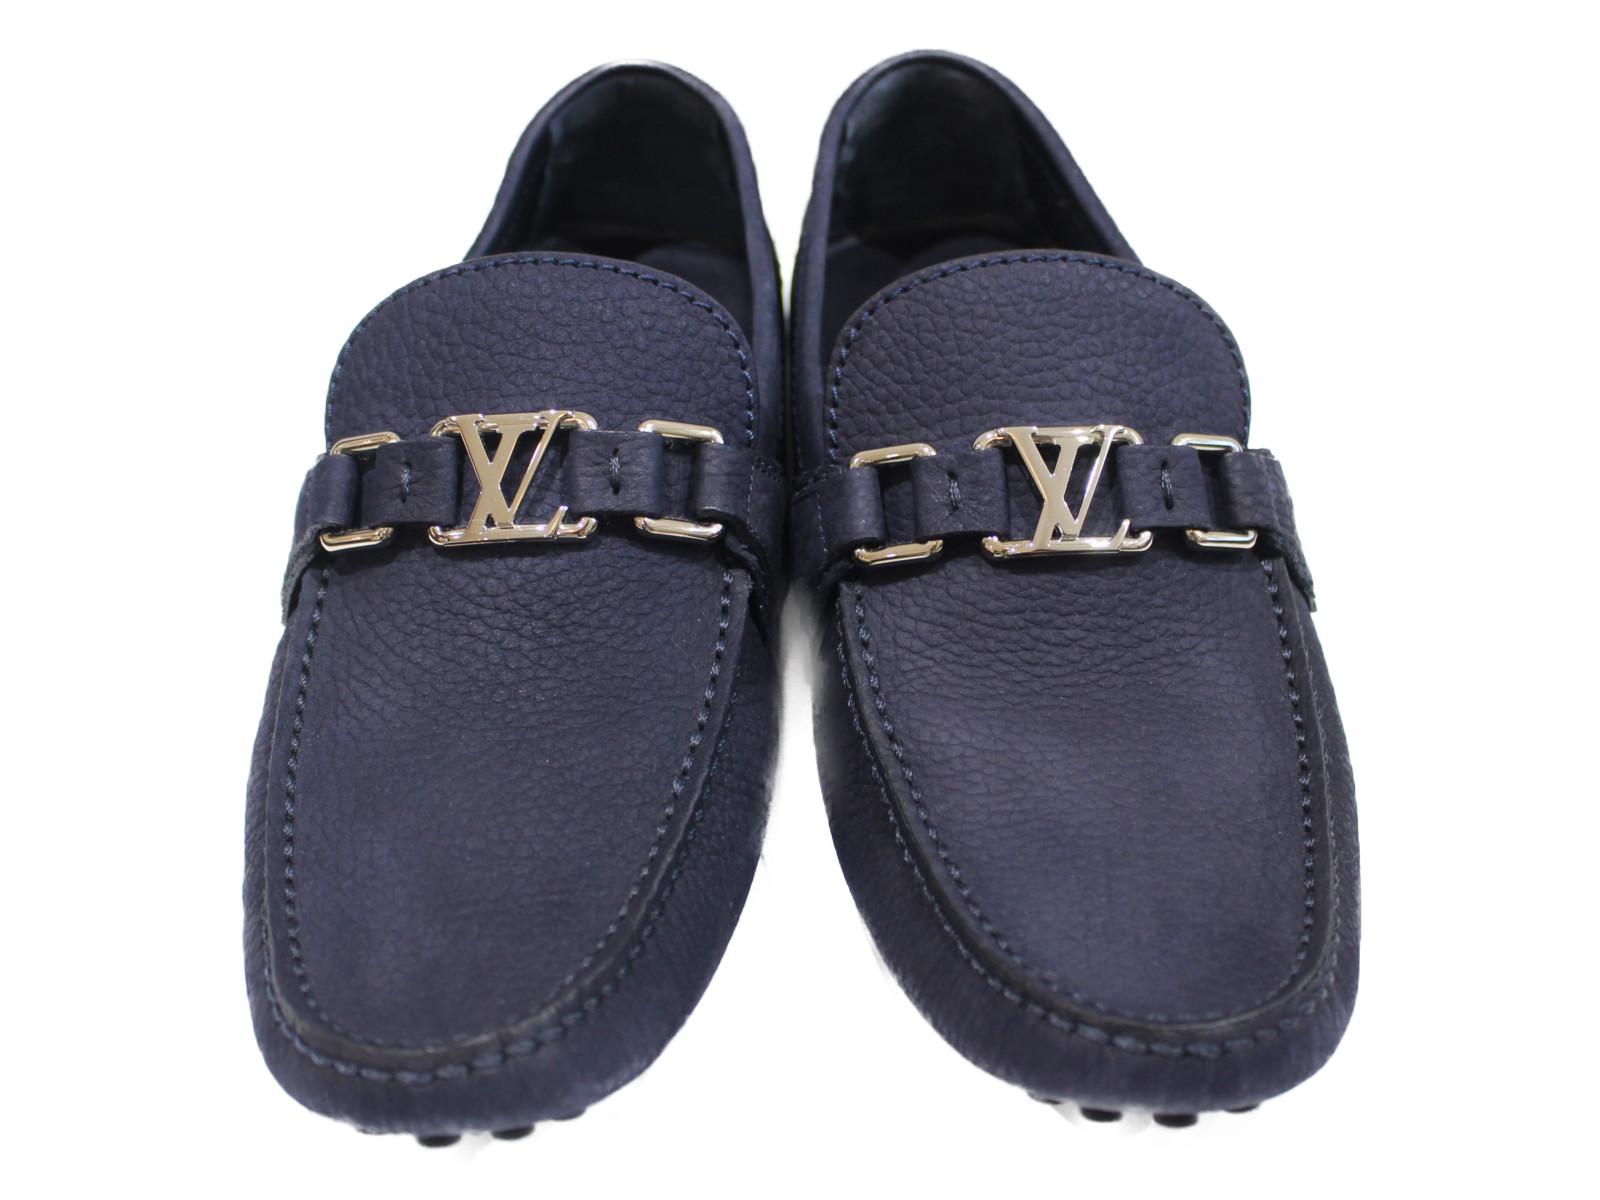 【箱・布袋あり】 LOUIS VUITTON ホッケンハイム・ライン 1A4TWY Mサイズ 靴 ローファー メンズ シルバー金具 プレゼント包装可 【中古】